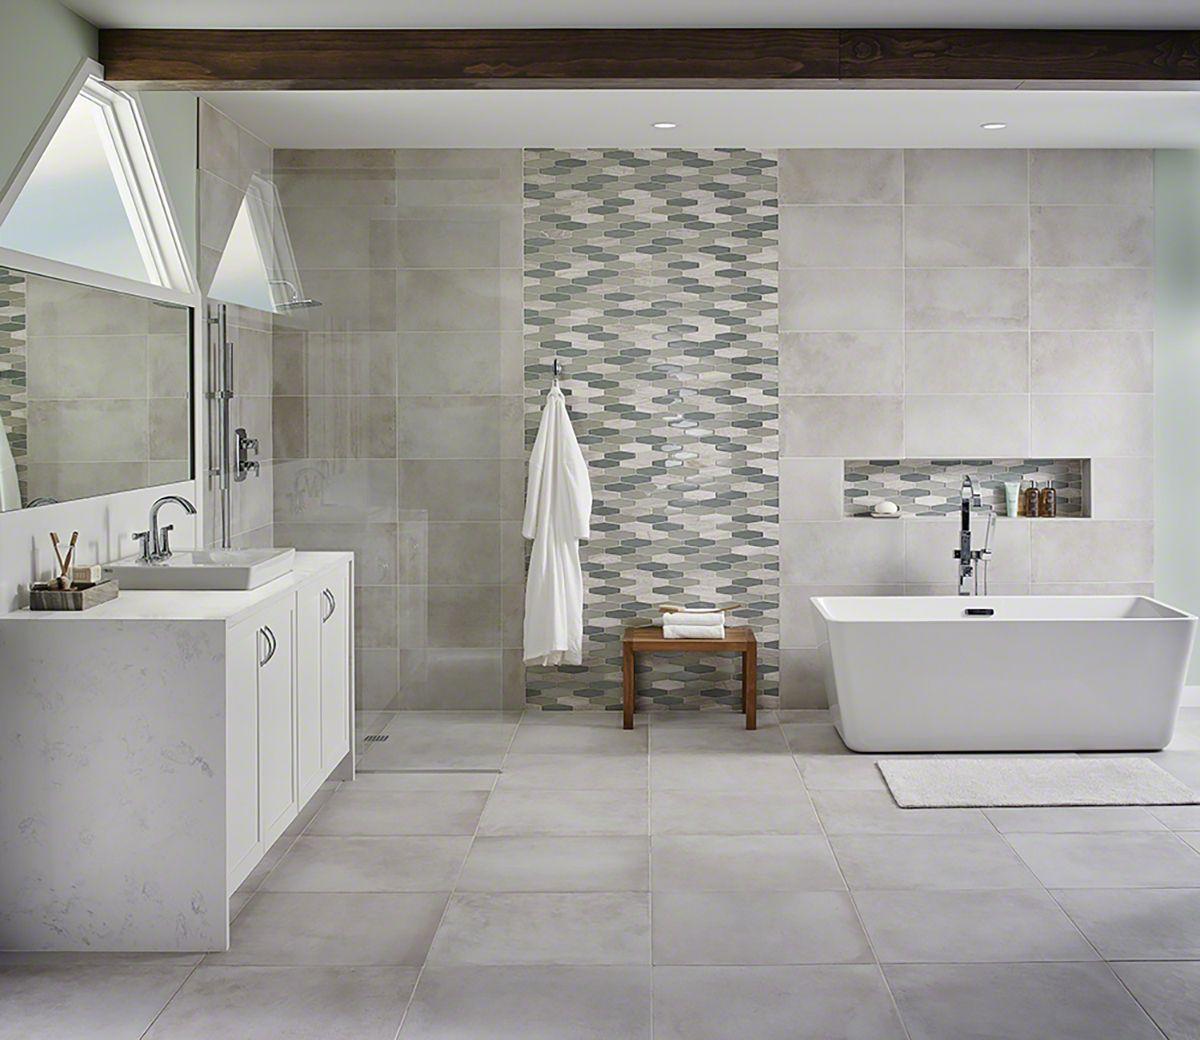 Quartz Bathroom Tiles: Dreamy White Quartz Countertops Are All The Rage! Choose A